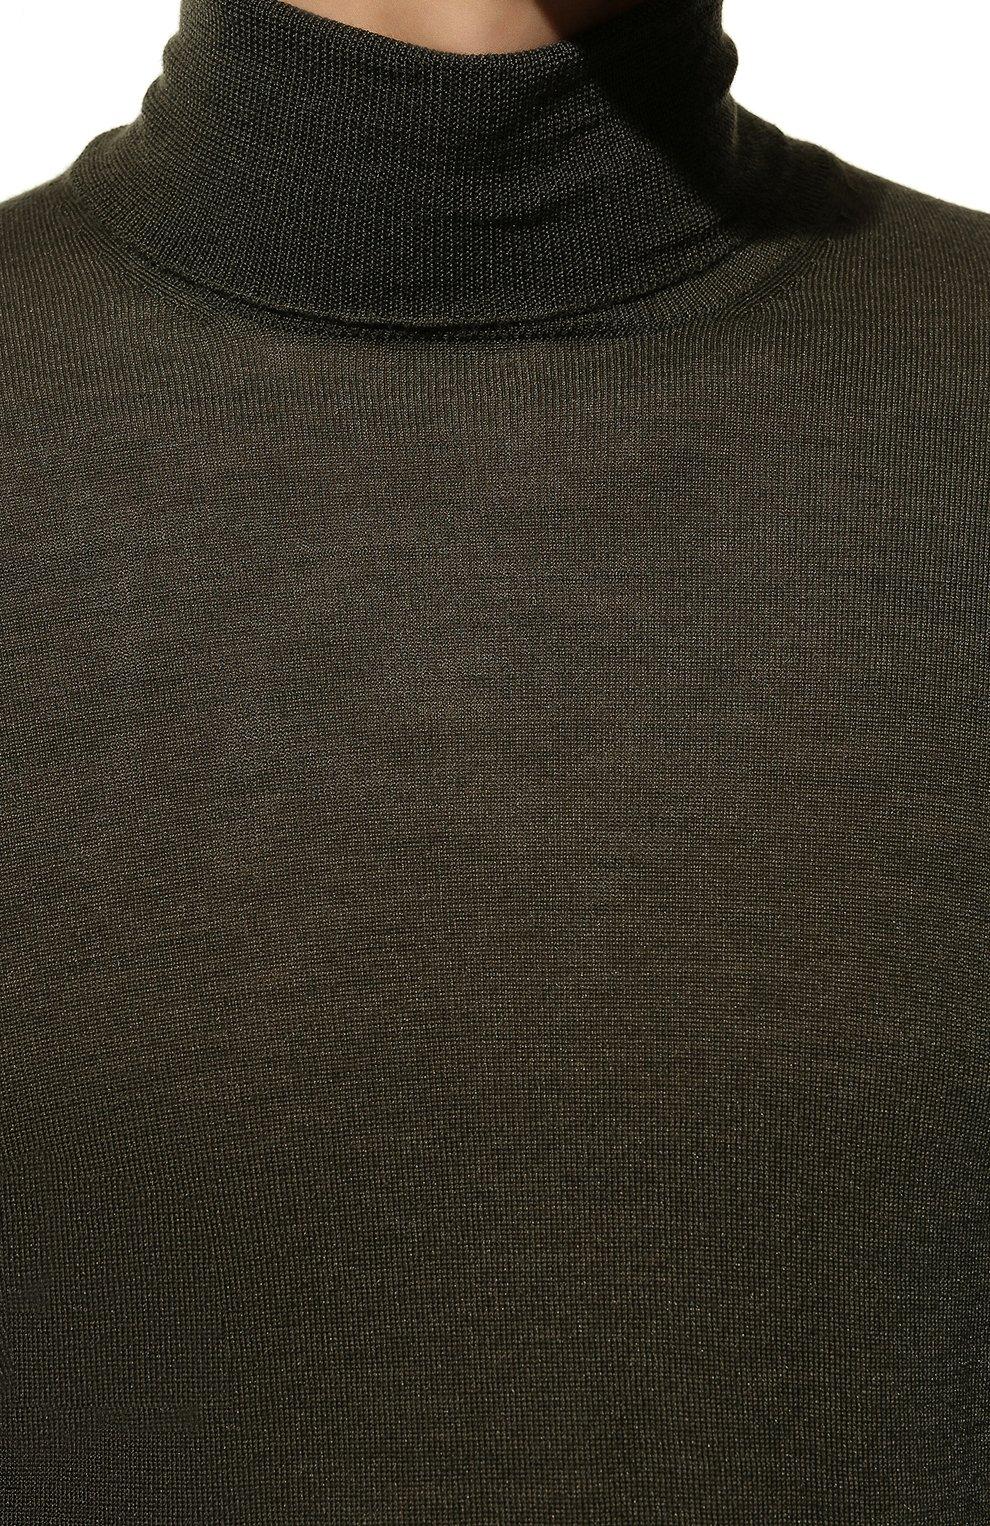 Мужской водолазка из шерсти и шелка GRAN SASSO темно-зеленого цвета, арт. 57131/13190   Фото 5 (Материал внешний: Шерсть, Шелк; Рукава: Длинные; Принт: Без принта; Длина (для топов): Стандартные; Мужское Кросс-КТ: Водолазка-одежда)